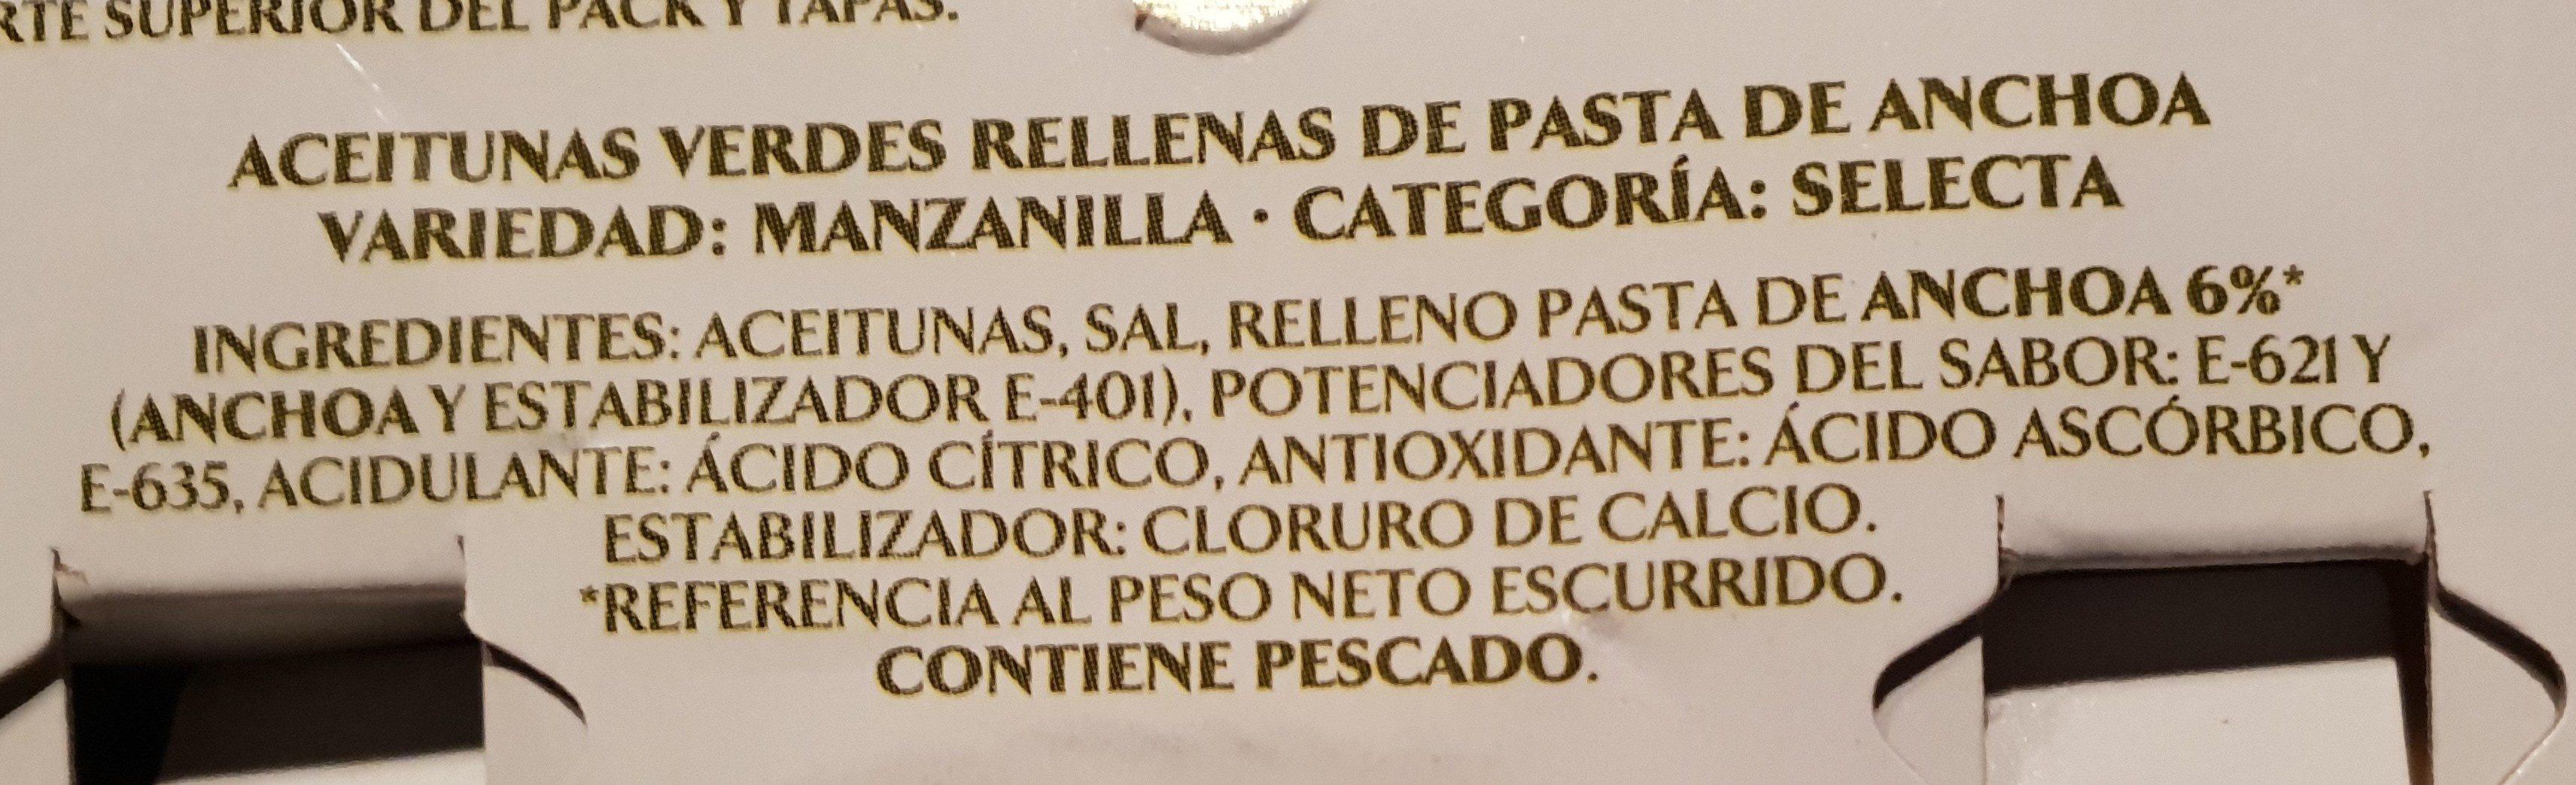 Aceitunas manzanilla rellenas de anchoa - Ingredientes - es